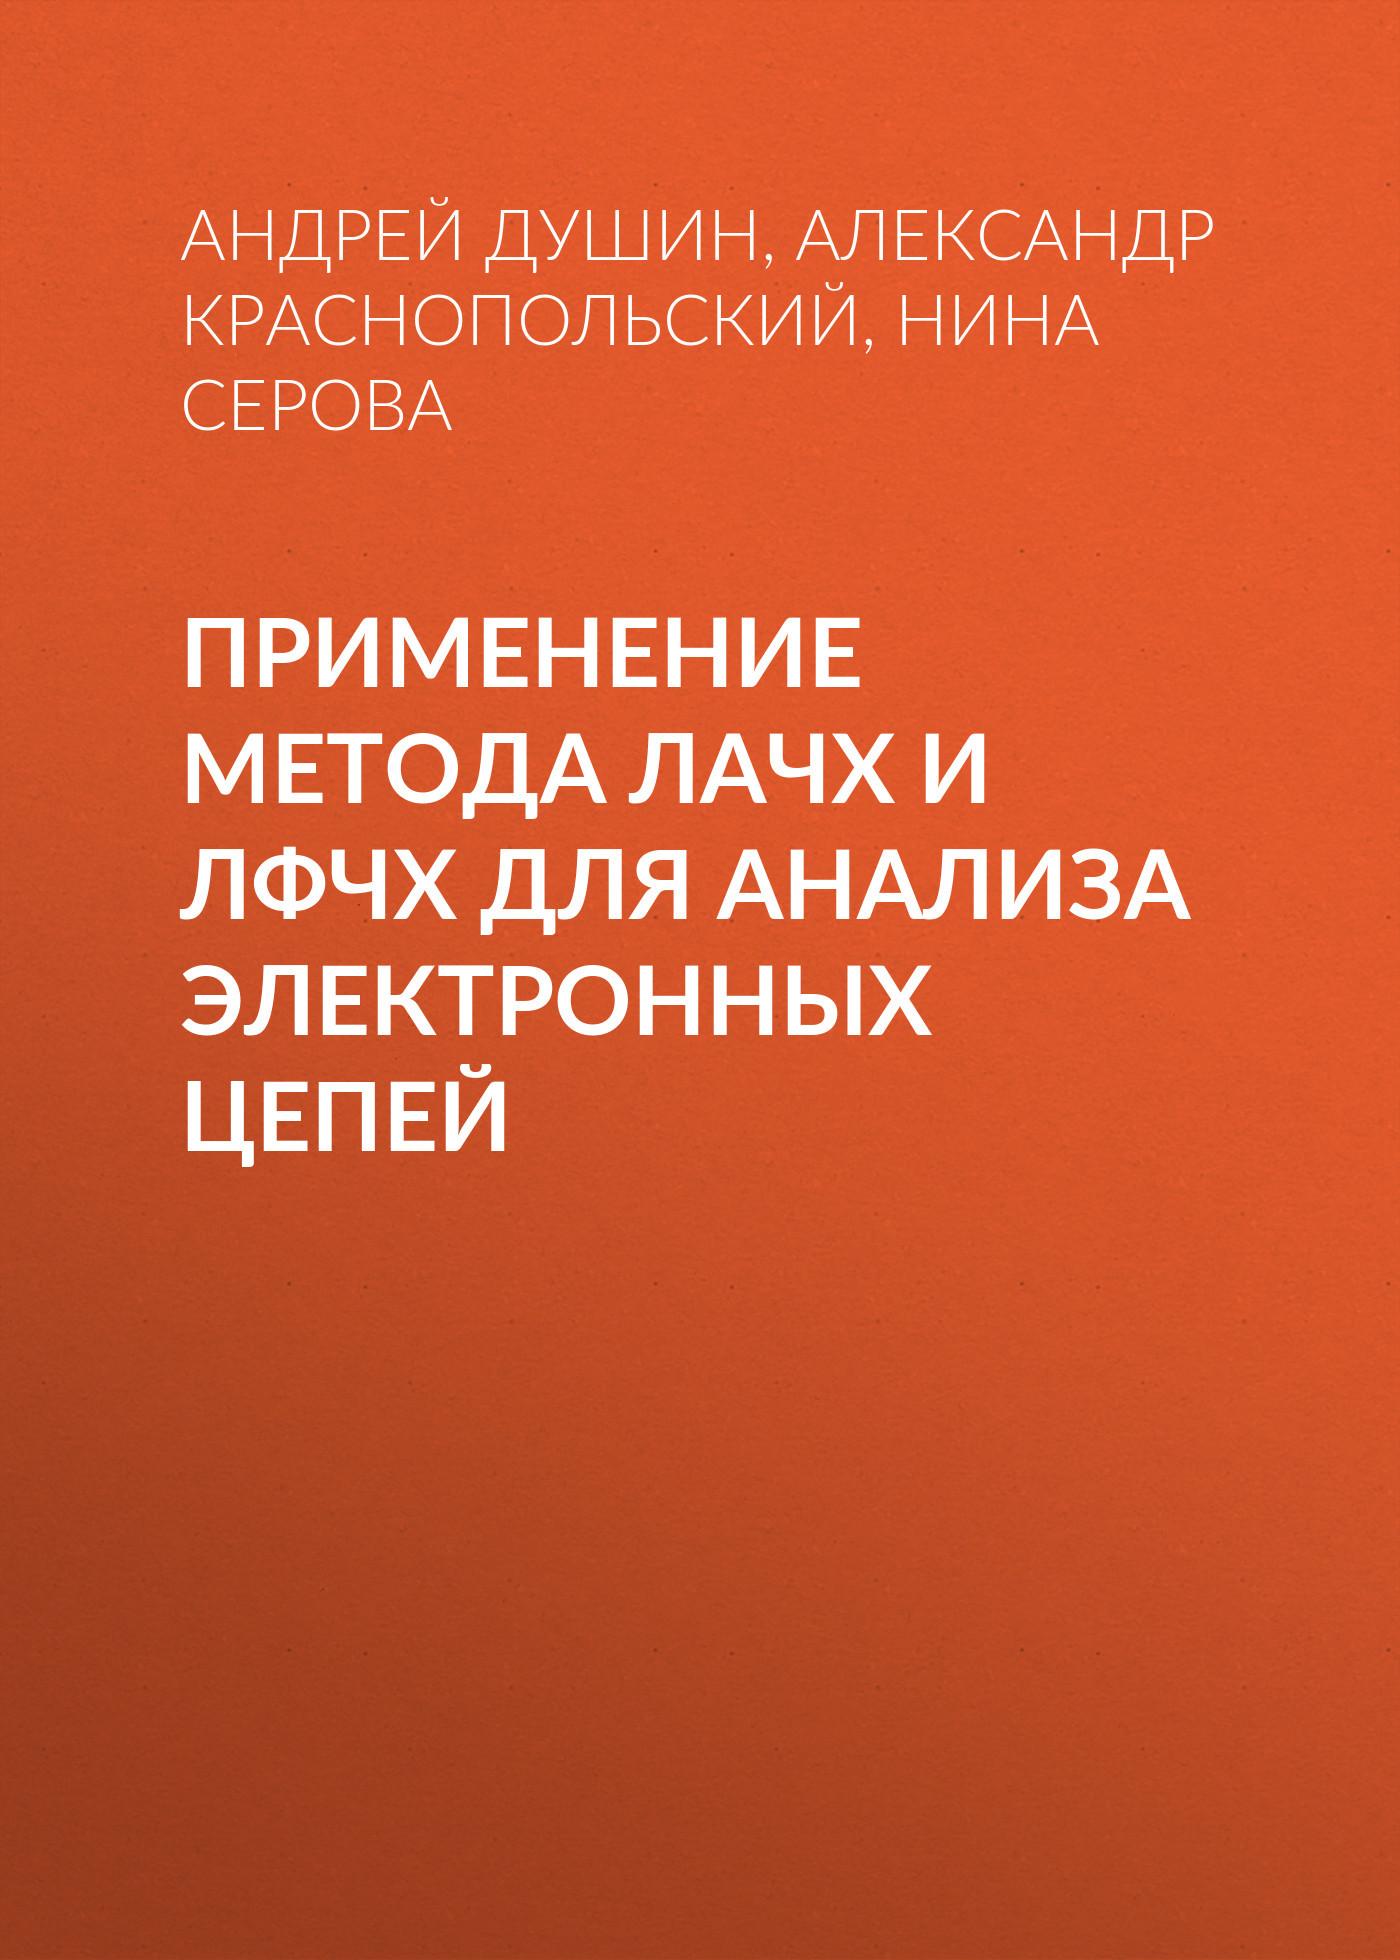 Андрей Душин Применение метода лачх и лфчх для анализа электронных цепей